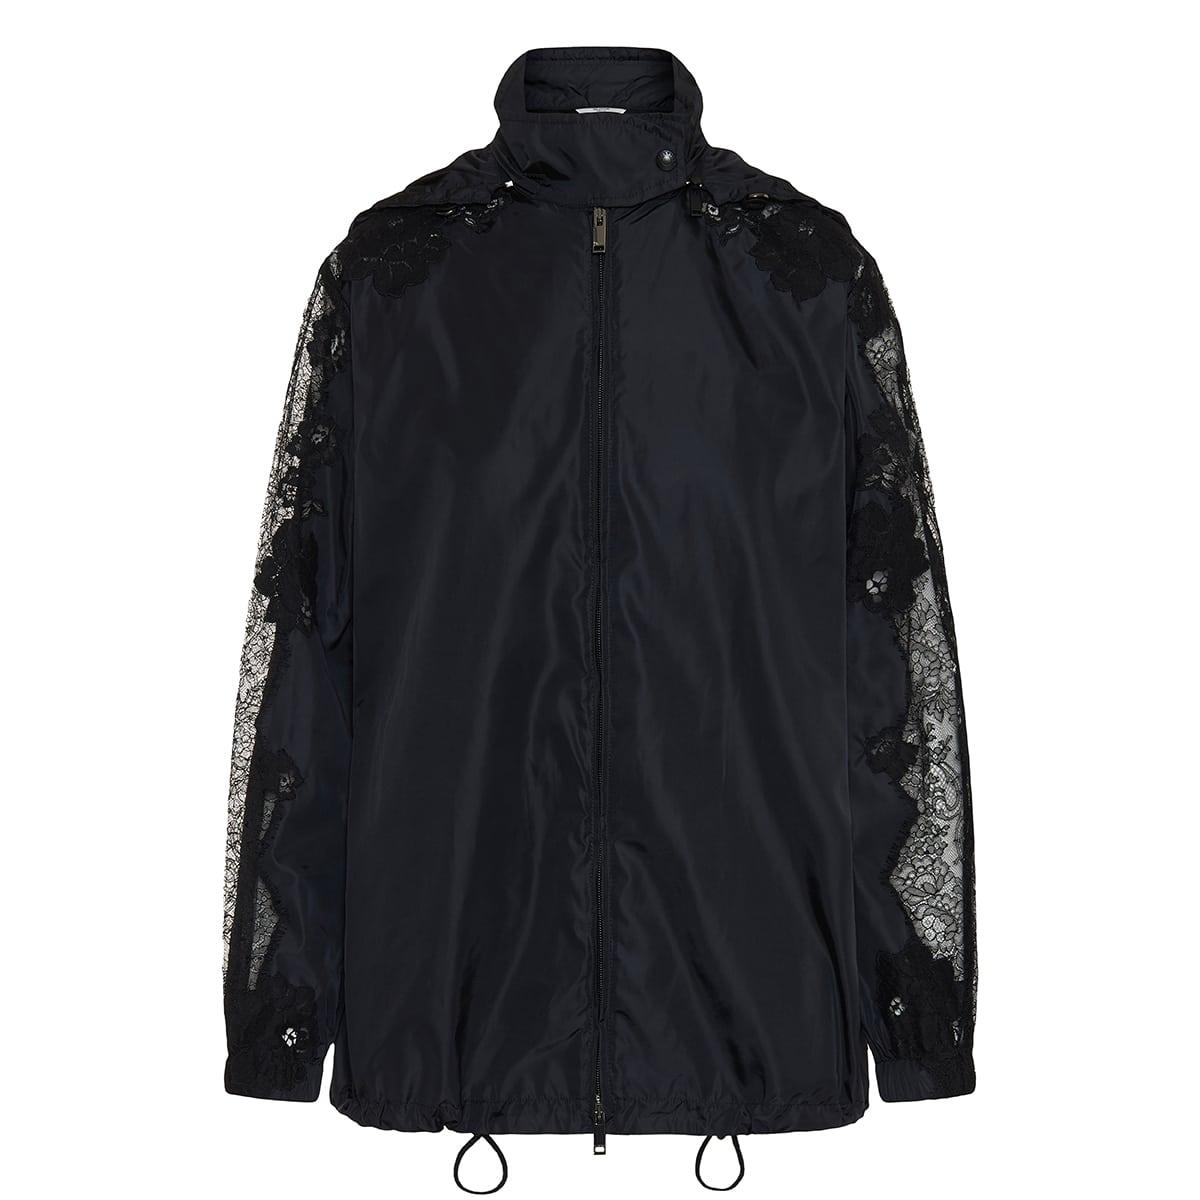 Lace-paneled nylon jacket